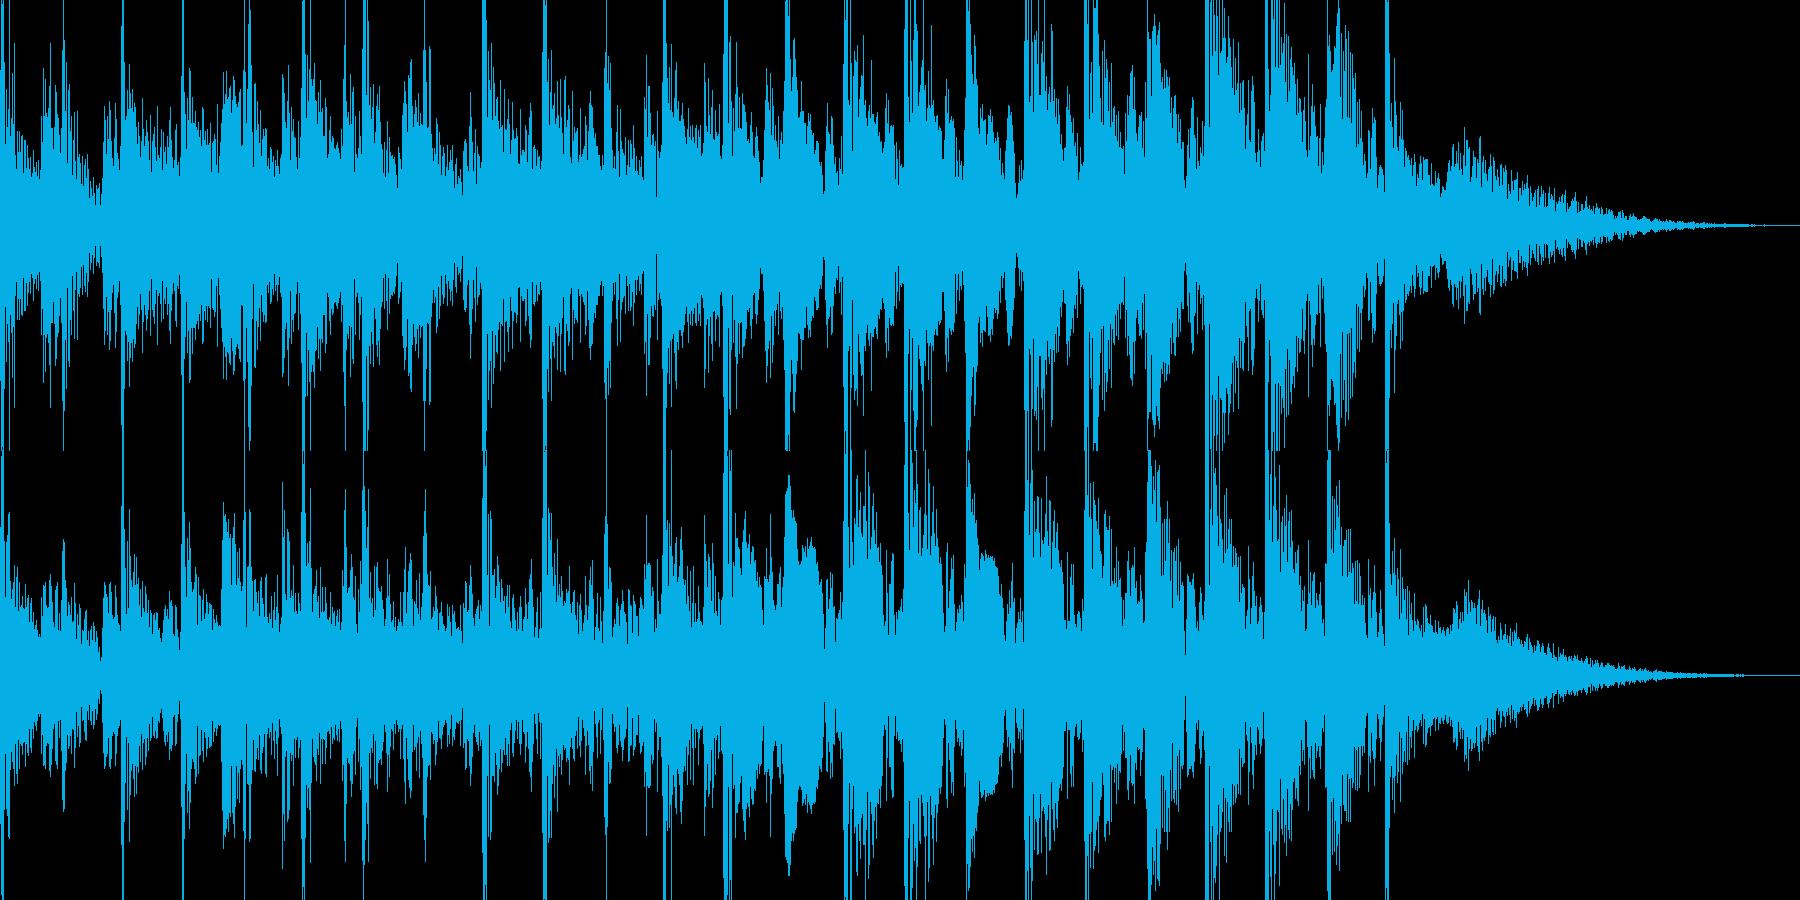 【10秒】上品な商品紹介/チュートリアルの再生済みの波形